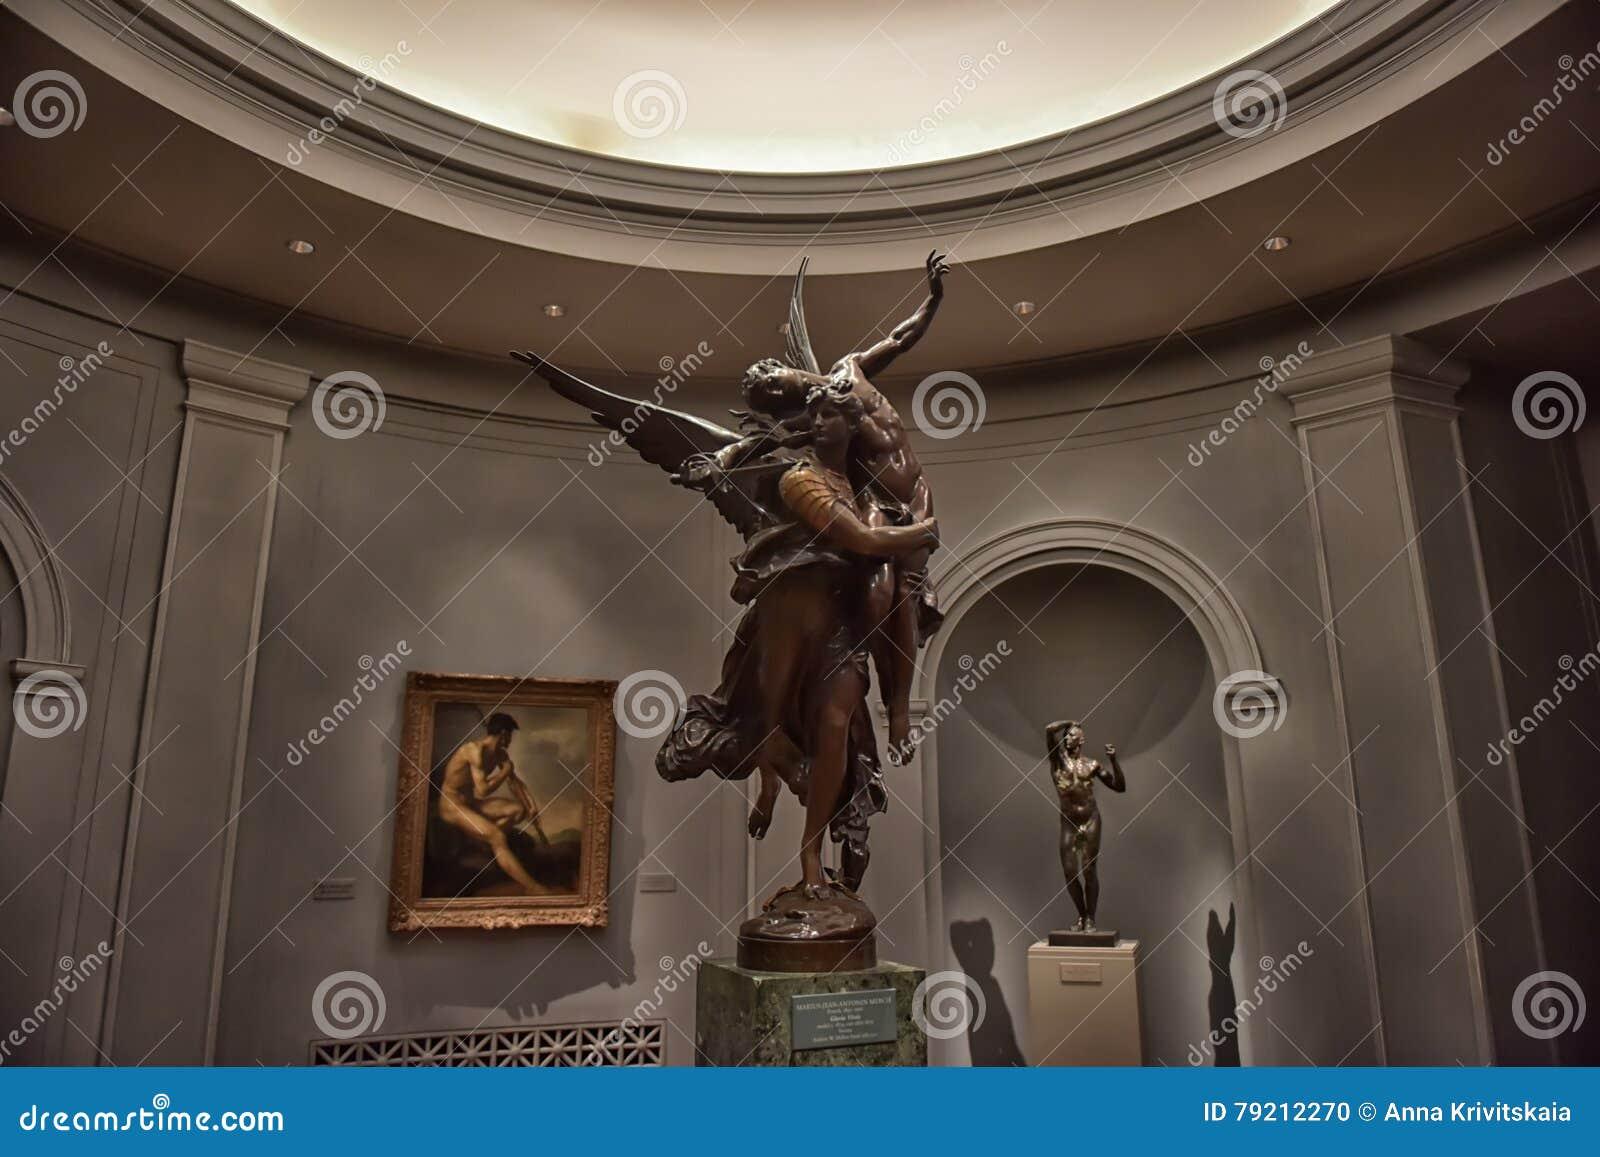 Zaal met kunstwerken, beeldhouwwerk, Nationale kunstgalerie Washington